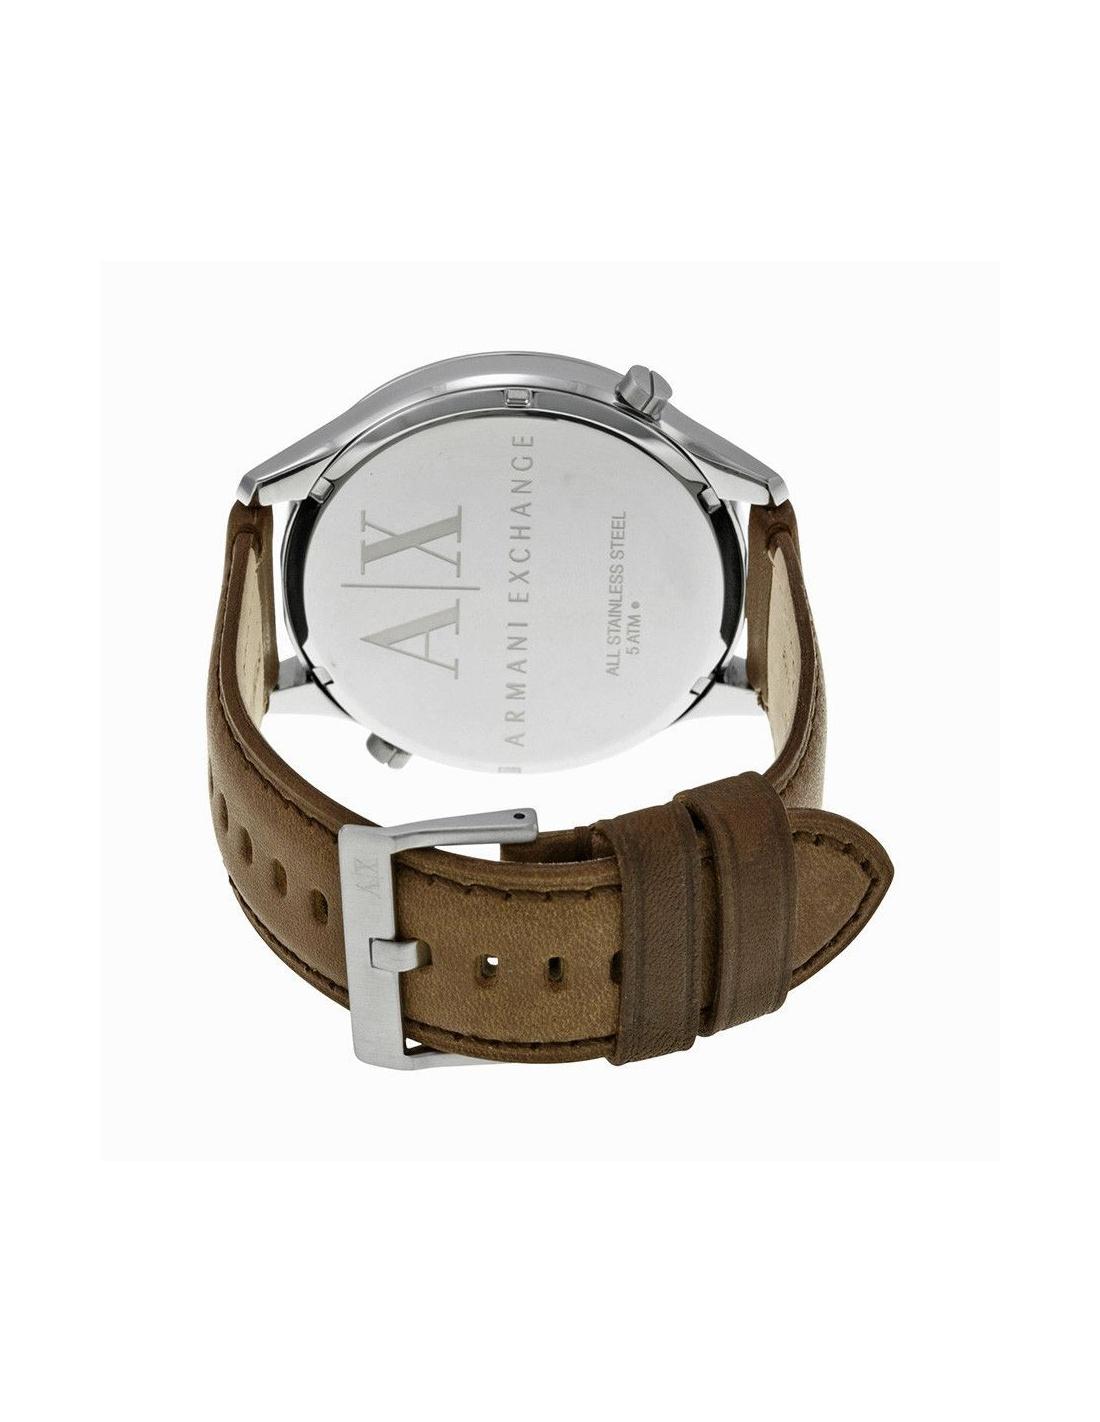 177c3e3b2a9e1 ... Ceasuri bărbăteşti Armani Exchange · Ceas bărbătesc Armani Exchange  AX2162. Pret redus